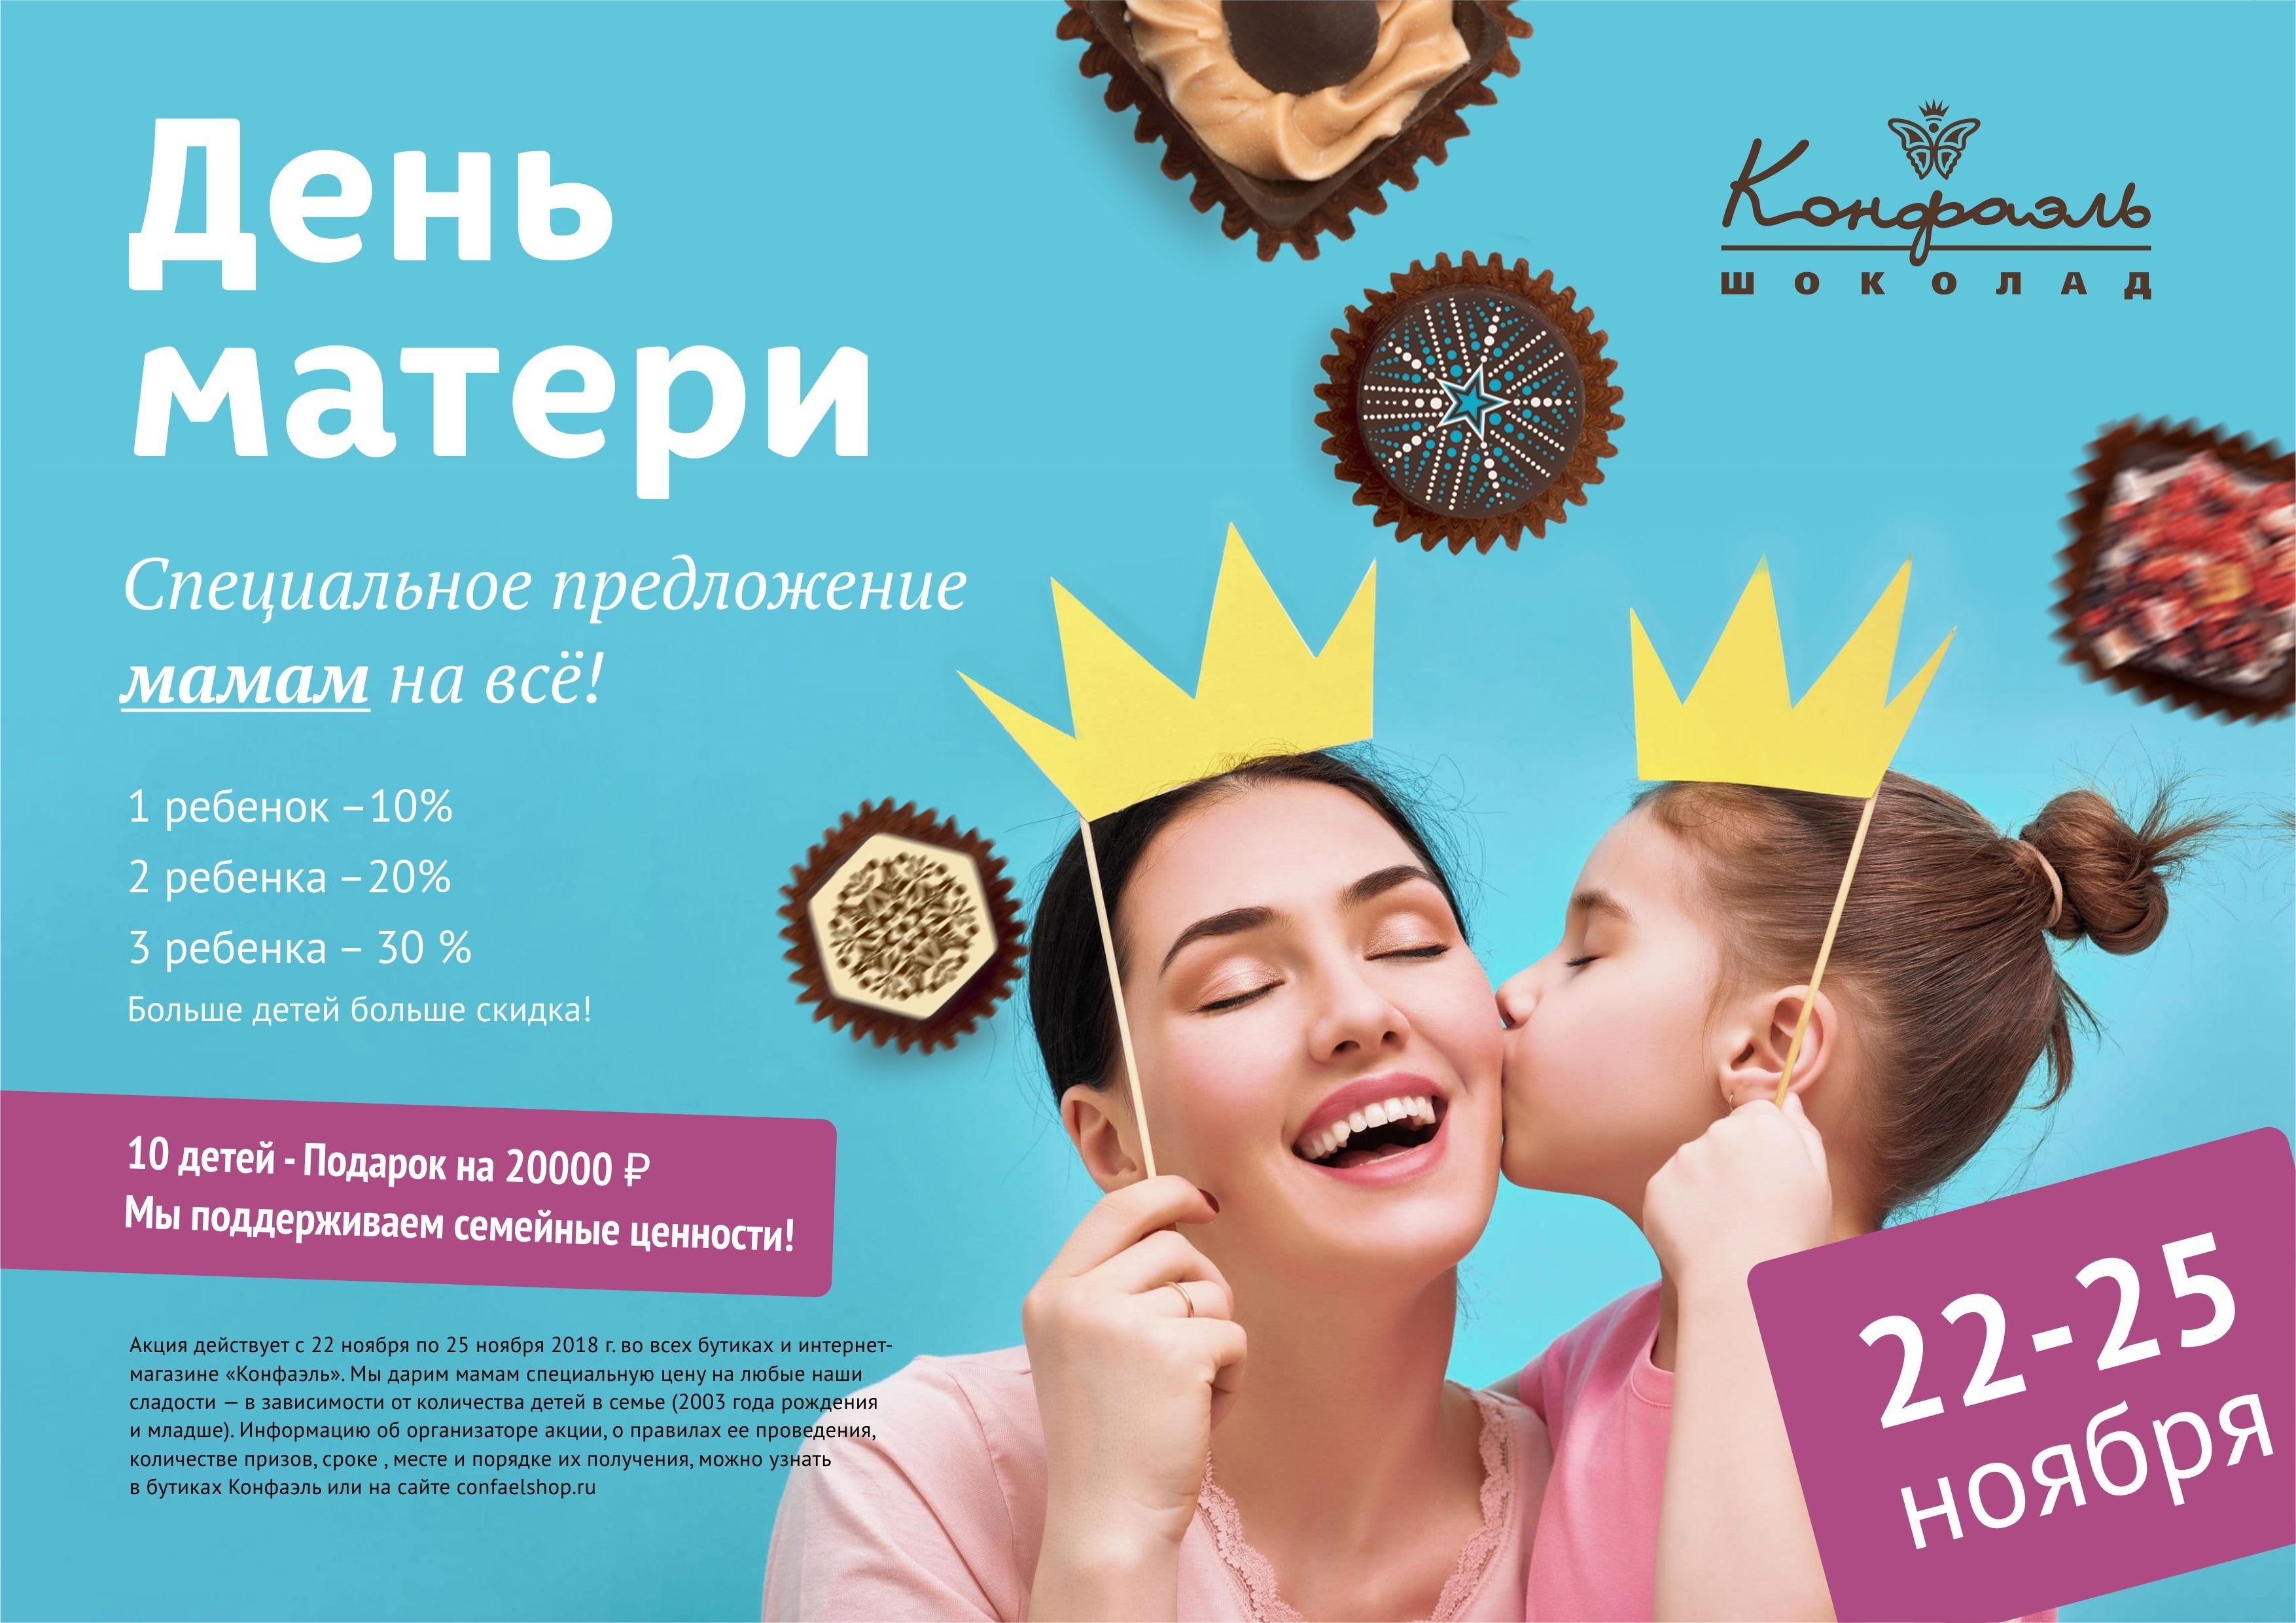 «Конфаэль»  объявляет специальные цены на сладости для многодетных (и не очень) мам